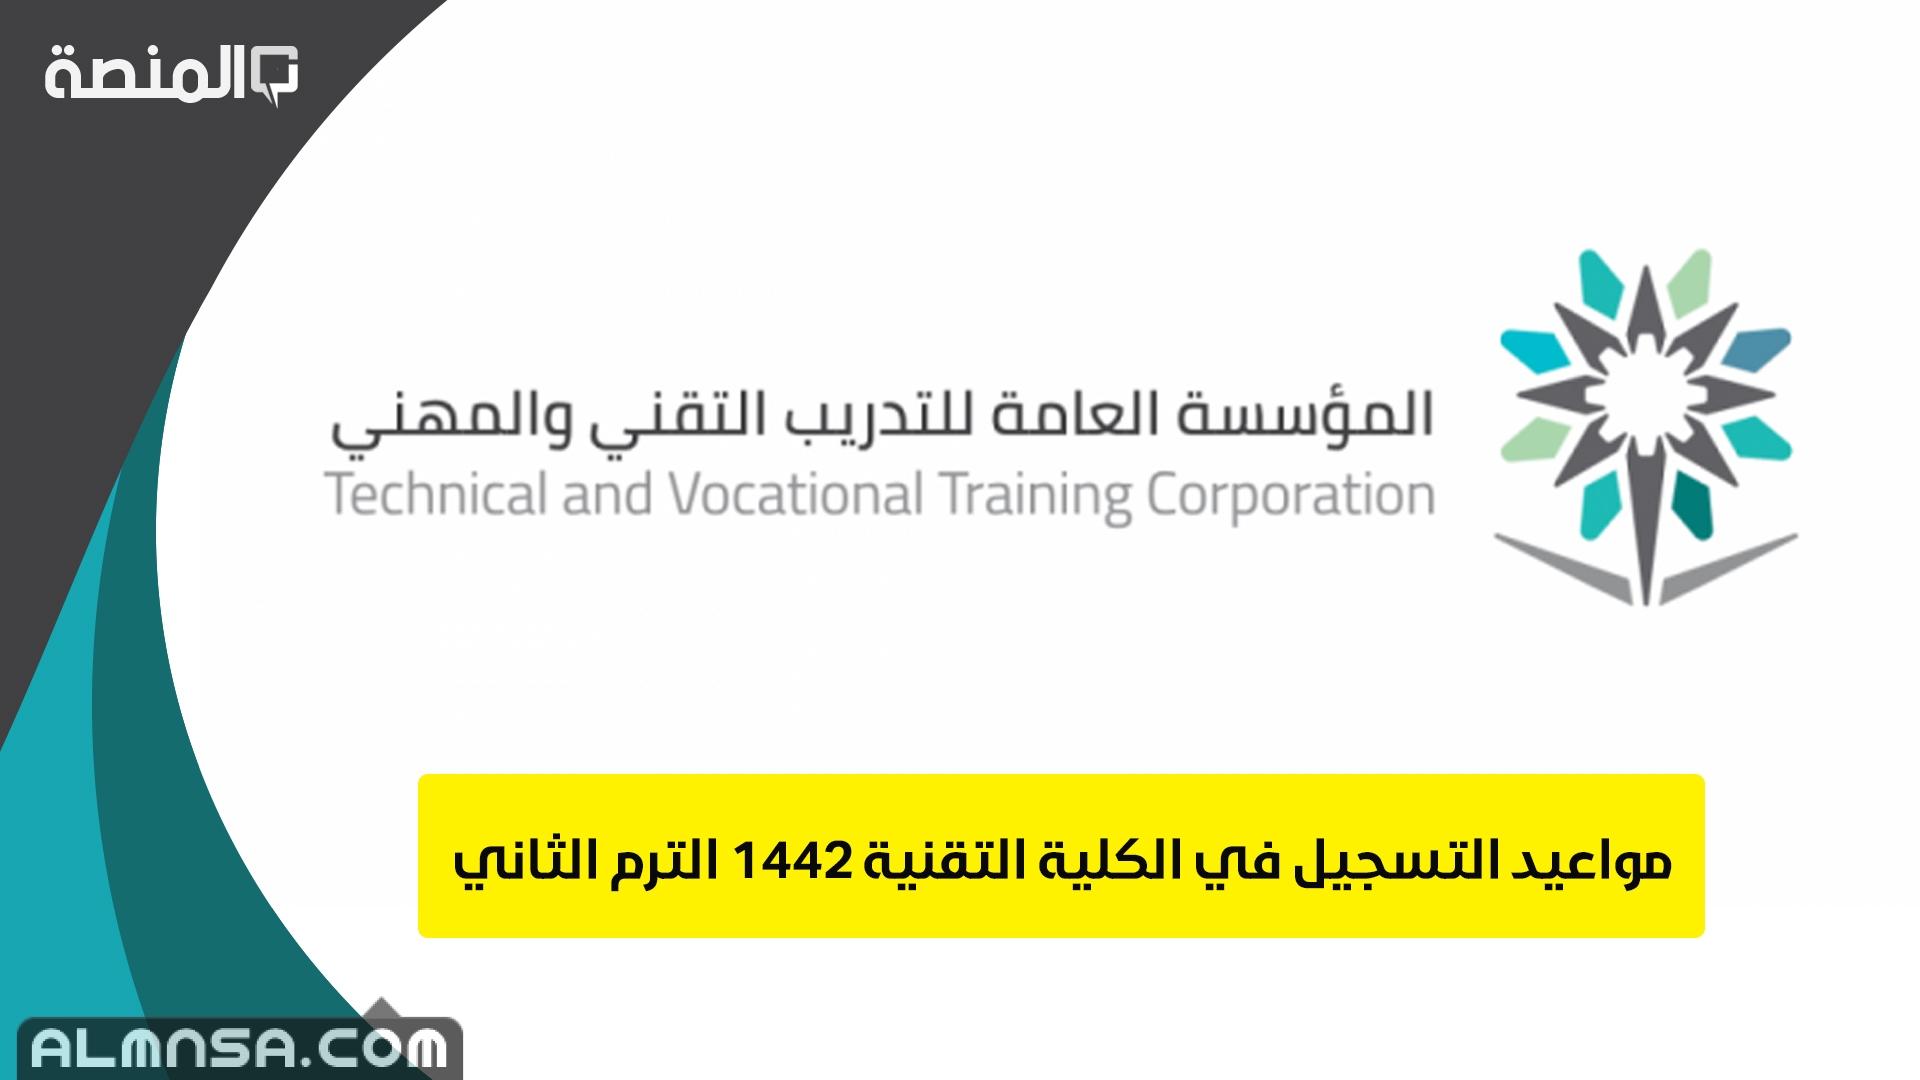 مواعيد التسجيل في الكلية التقنية 1442 الترم الثاني المنصة